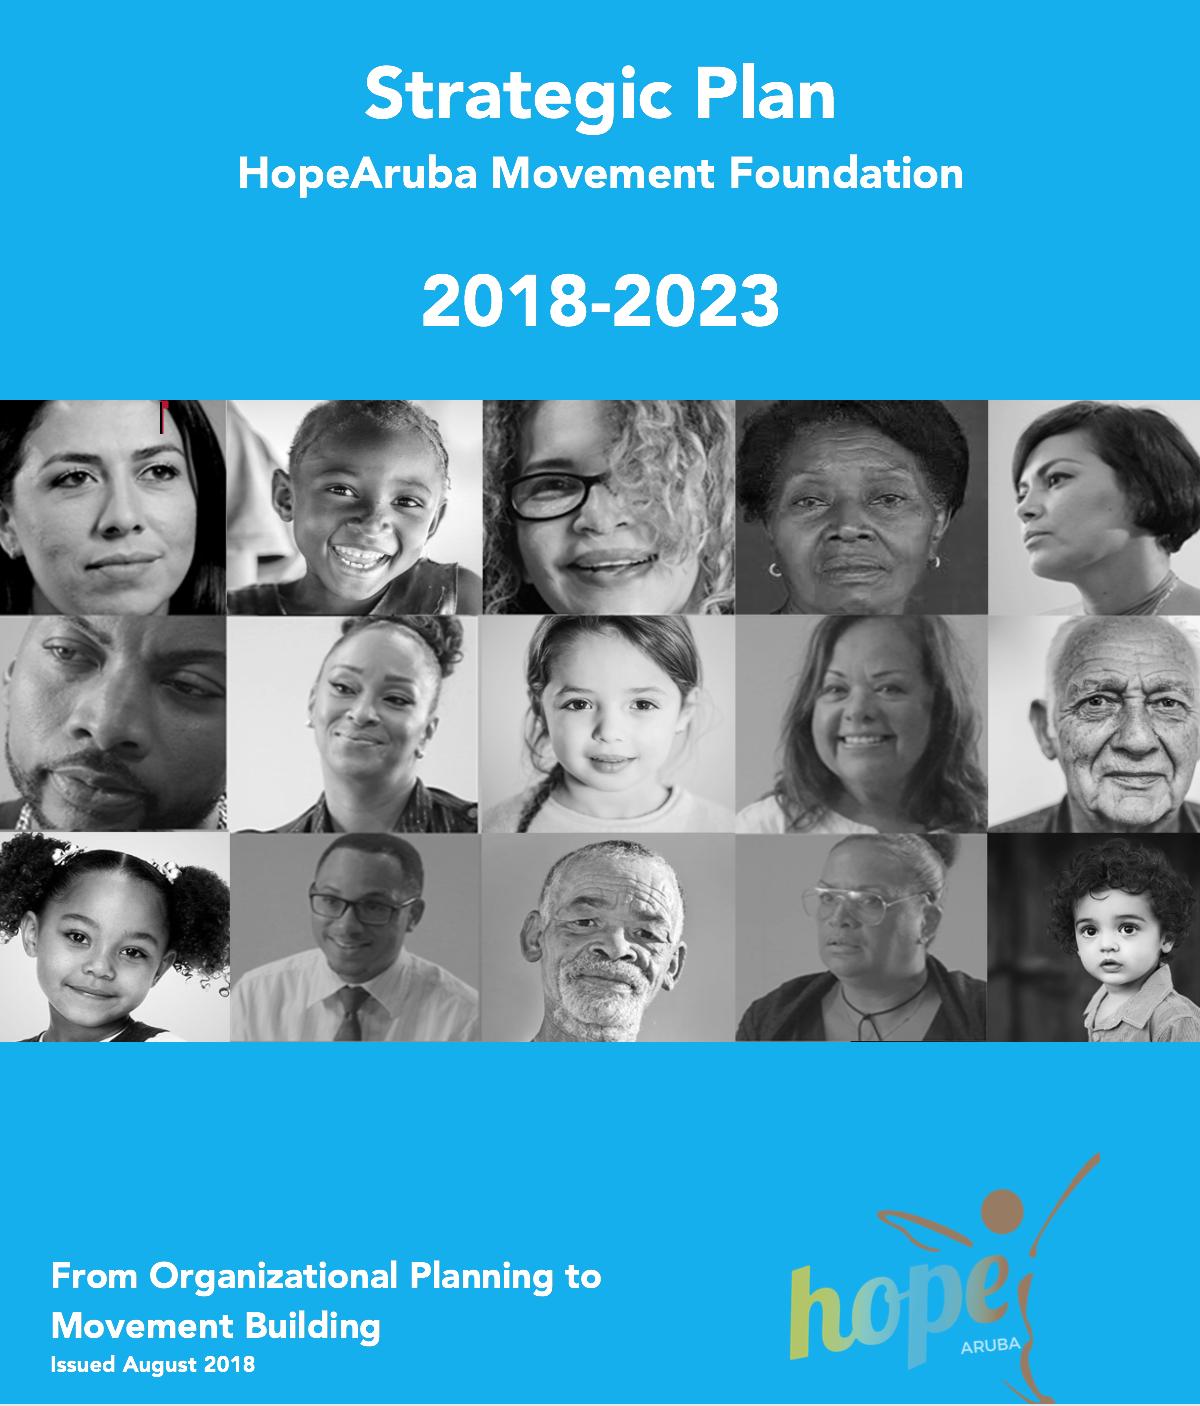 HopeAruba Movement Foundation